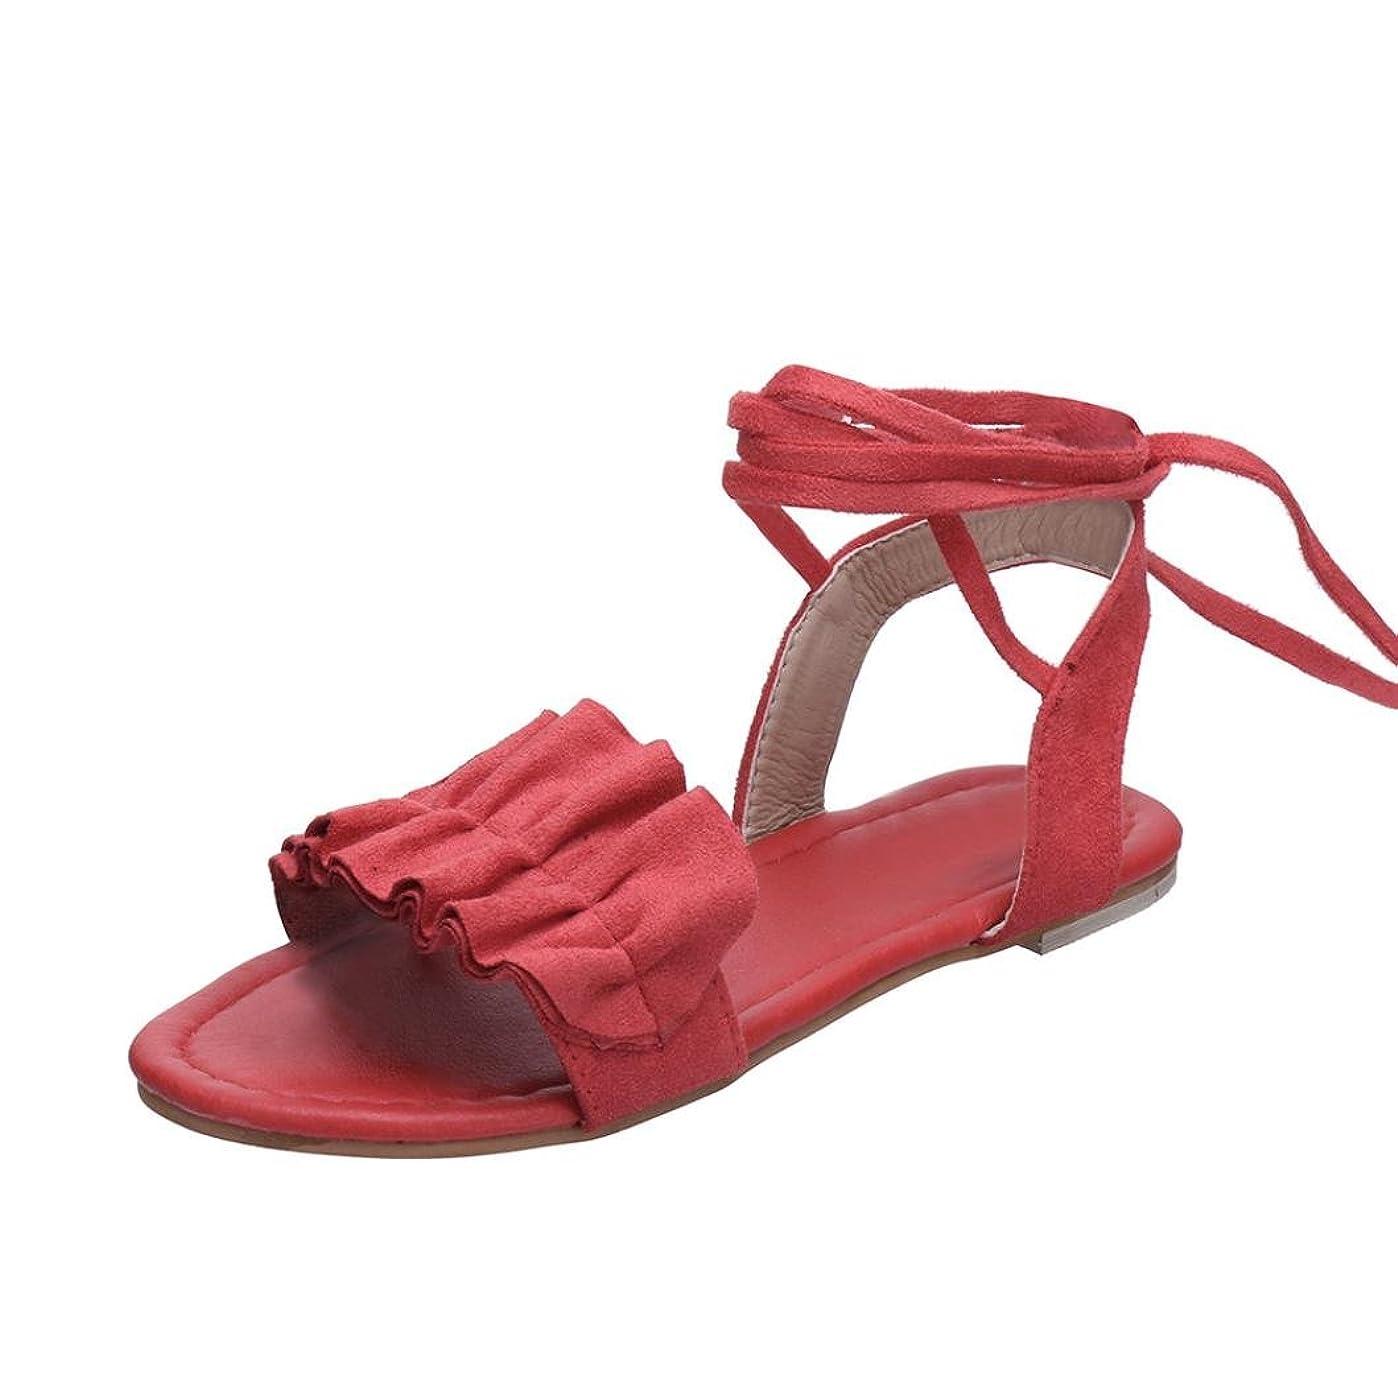 男からかう理論Mhomzawa サンダル レディース シューズ 女性 ソリッド フリル ラウンドトゥ 可愛い フラットヒール クロス タイサンダル ローマシューズ 靴 ビーチ